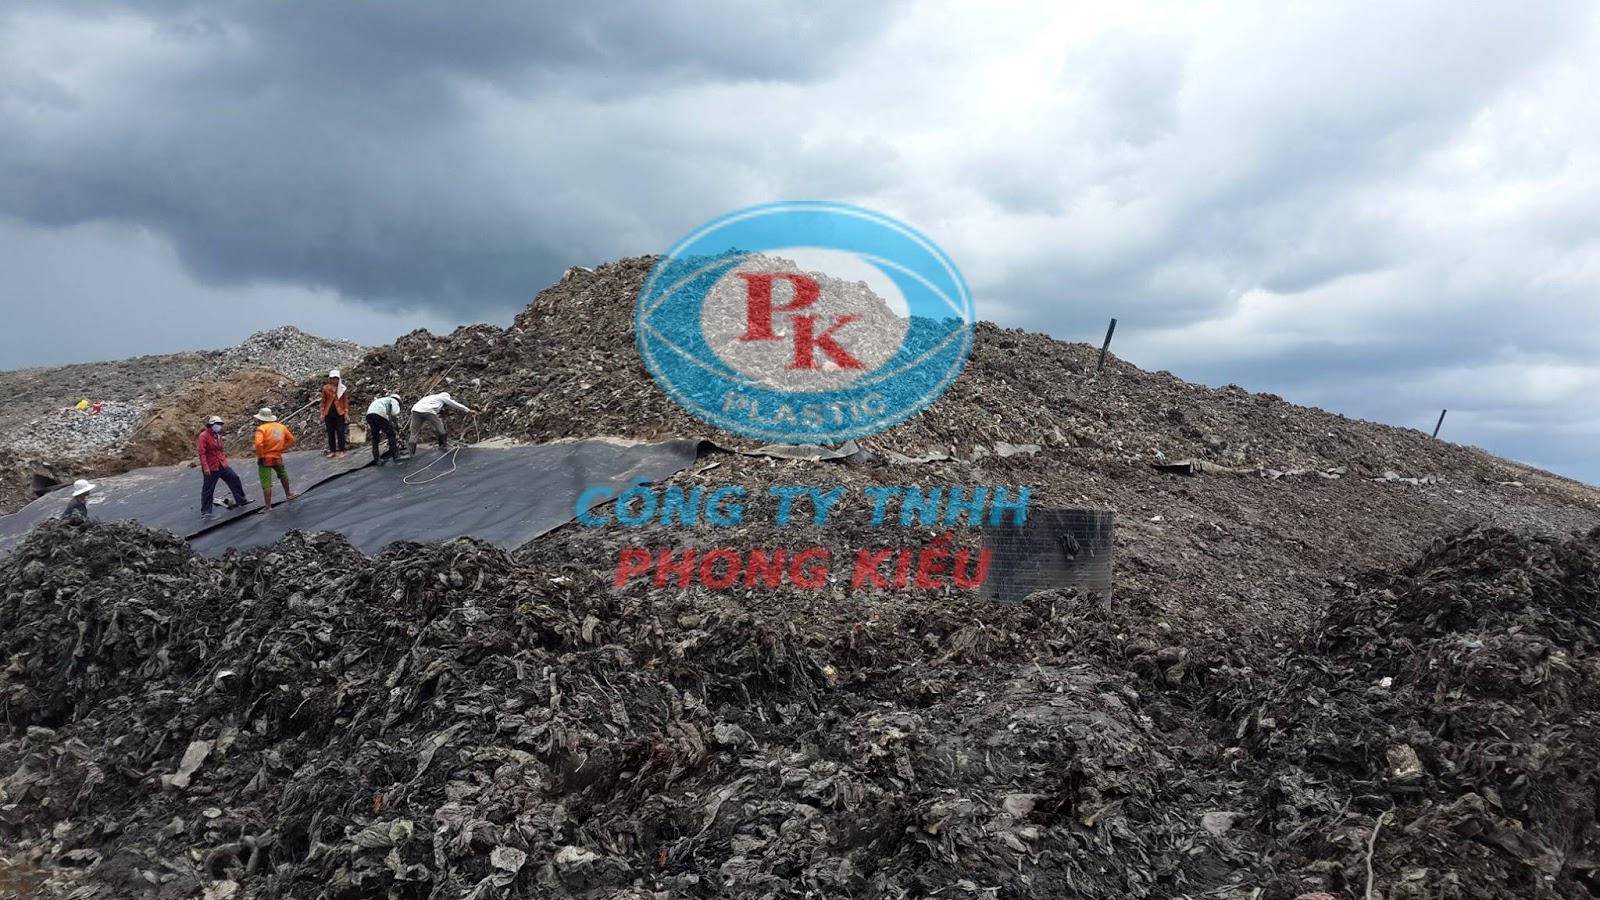 màng chống thấm HDPE trong các bãi rác công nghiệp